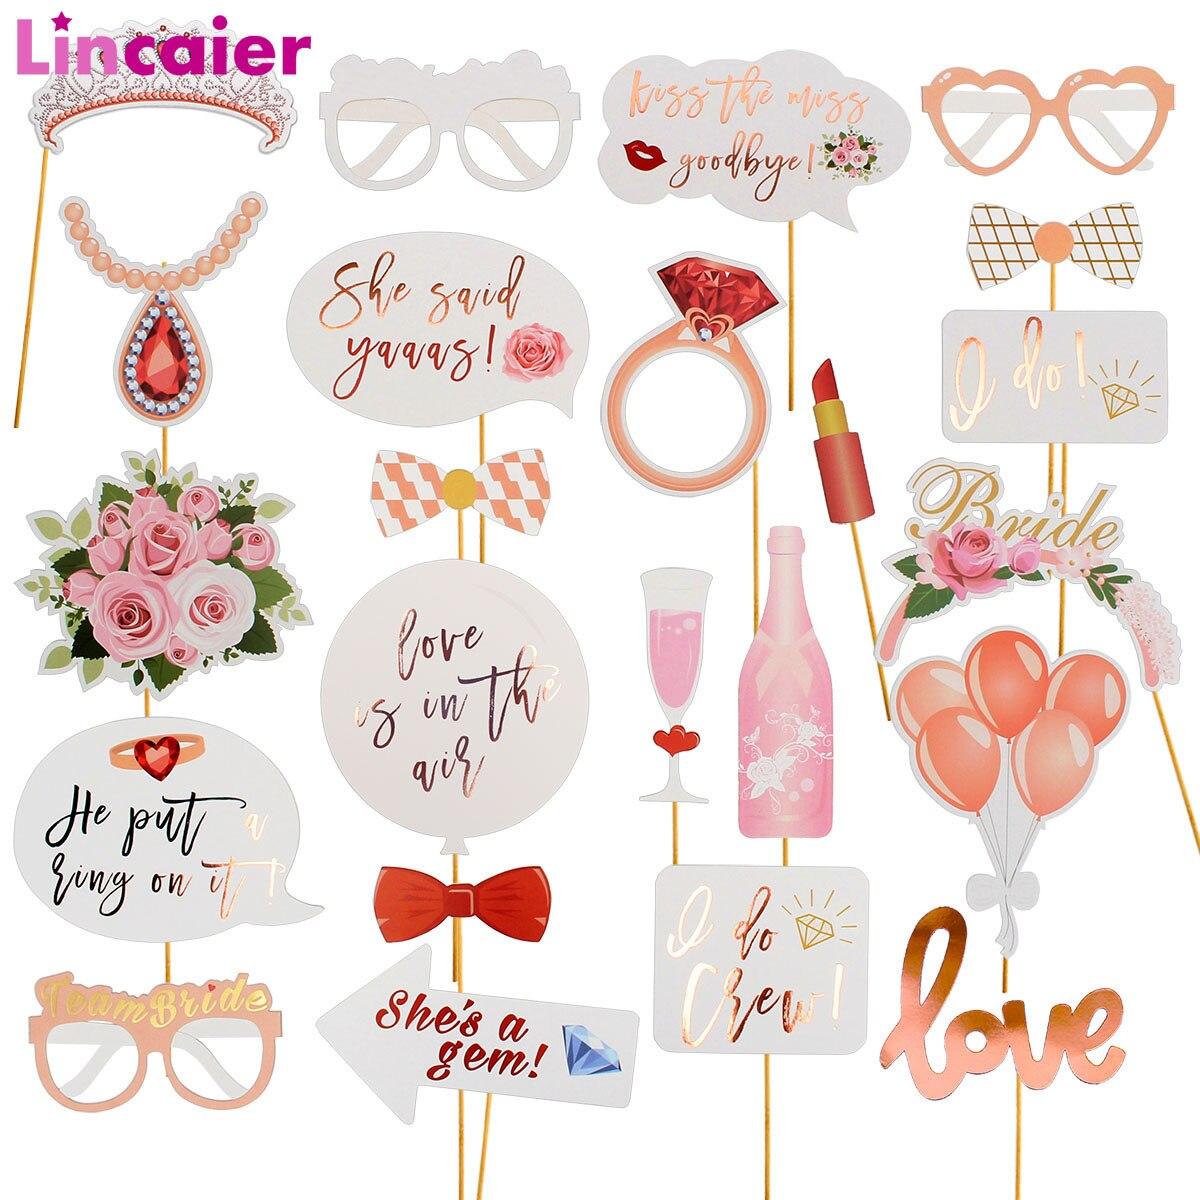 Lincaier Wedding Decoration Rustic Photobooth Props Vintage Mr Mrs Team Bride Bridal Shower Party Table Supplies Bachelorette